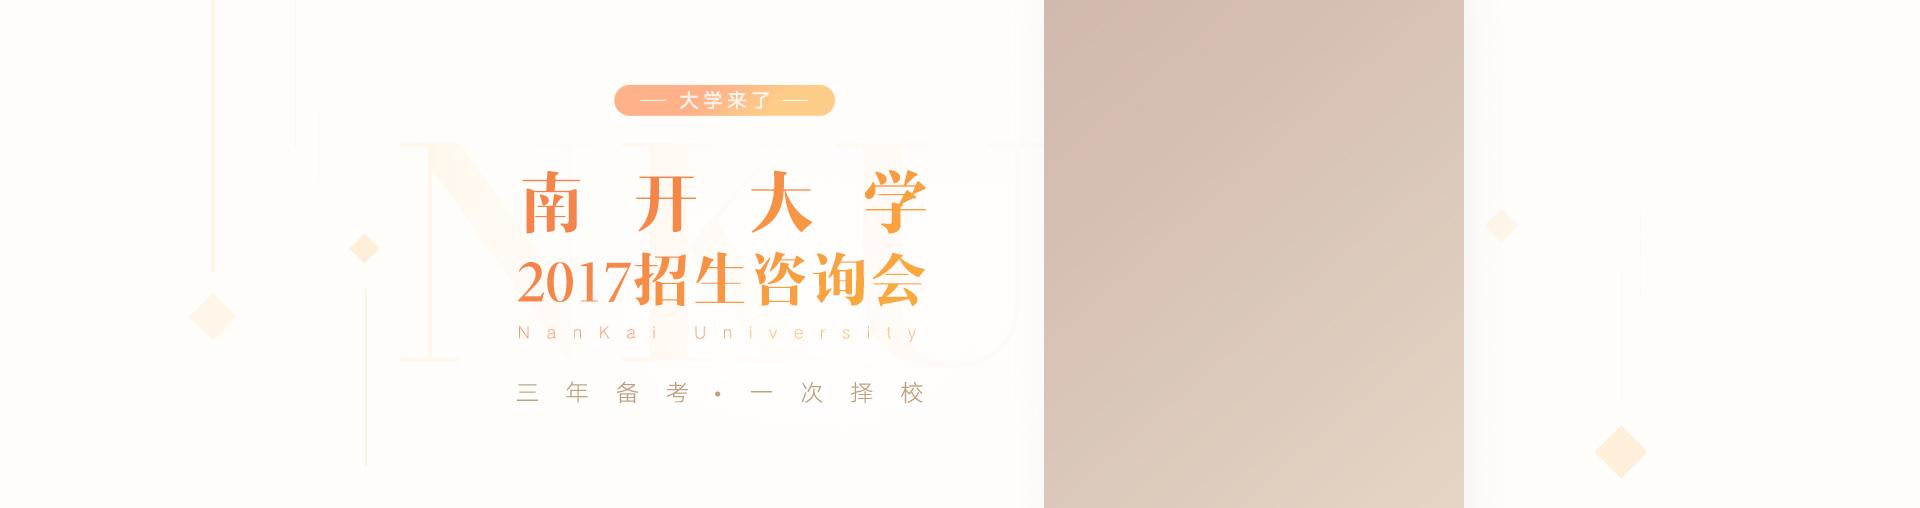 南开大学2017招生咨询会